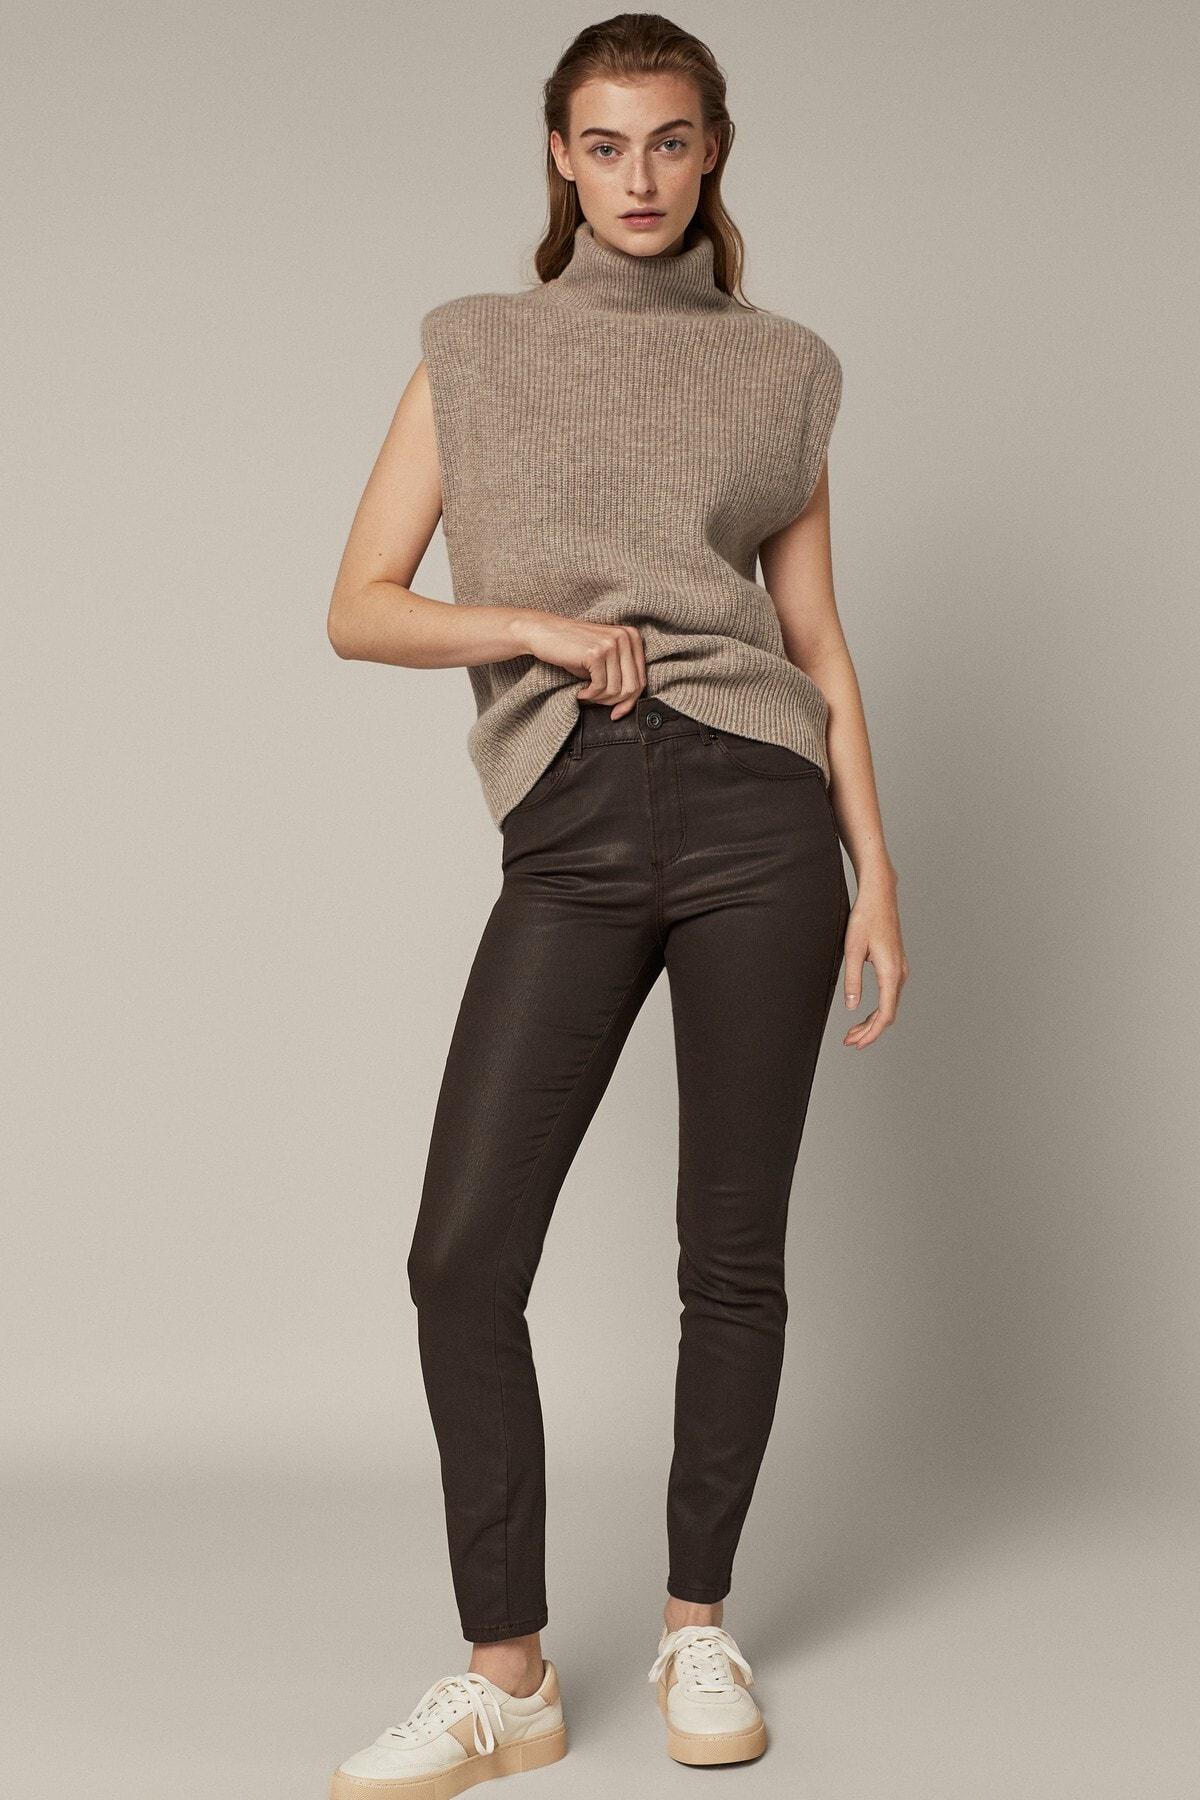 Massimo Dutti Kadın Orta Bel Mumlu Skınny Pantolon 05057657